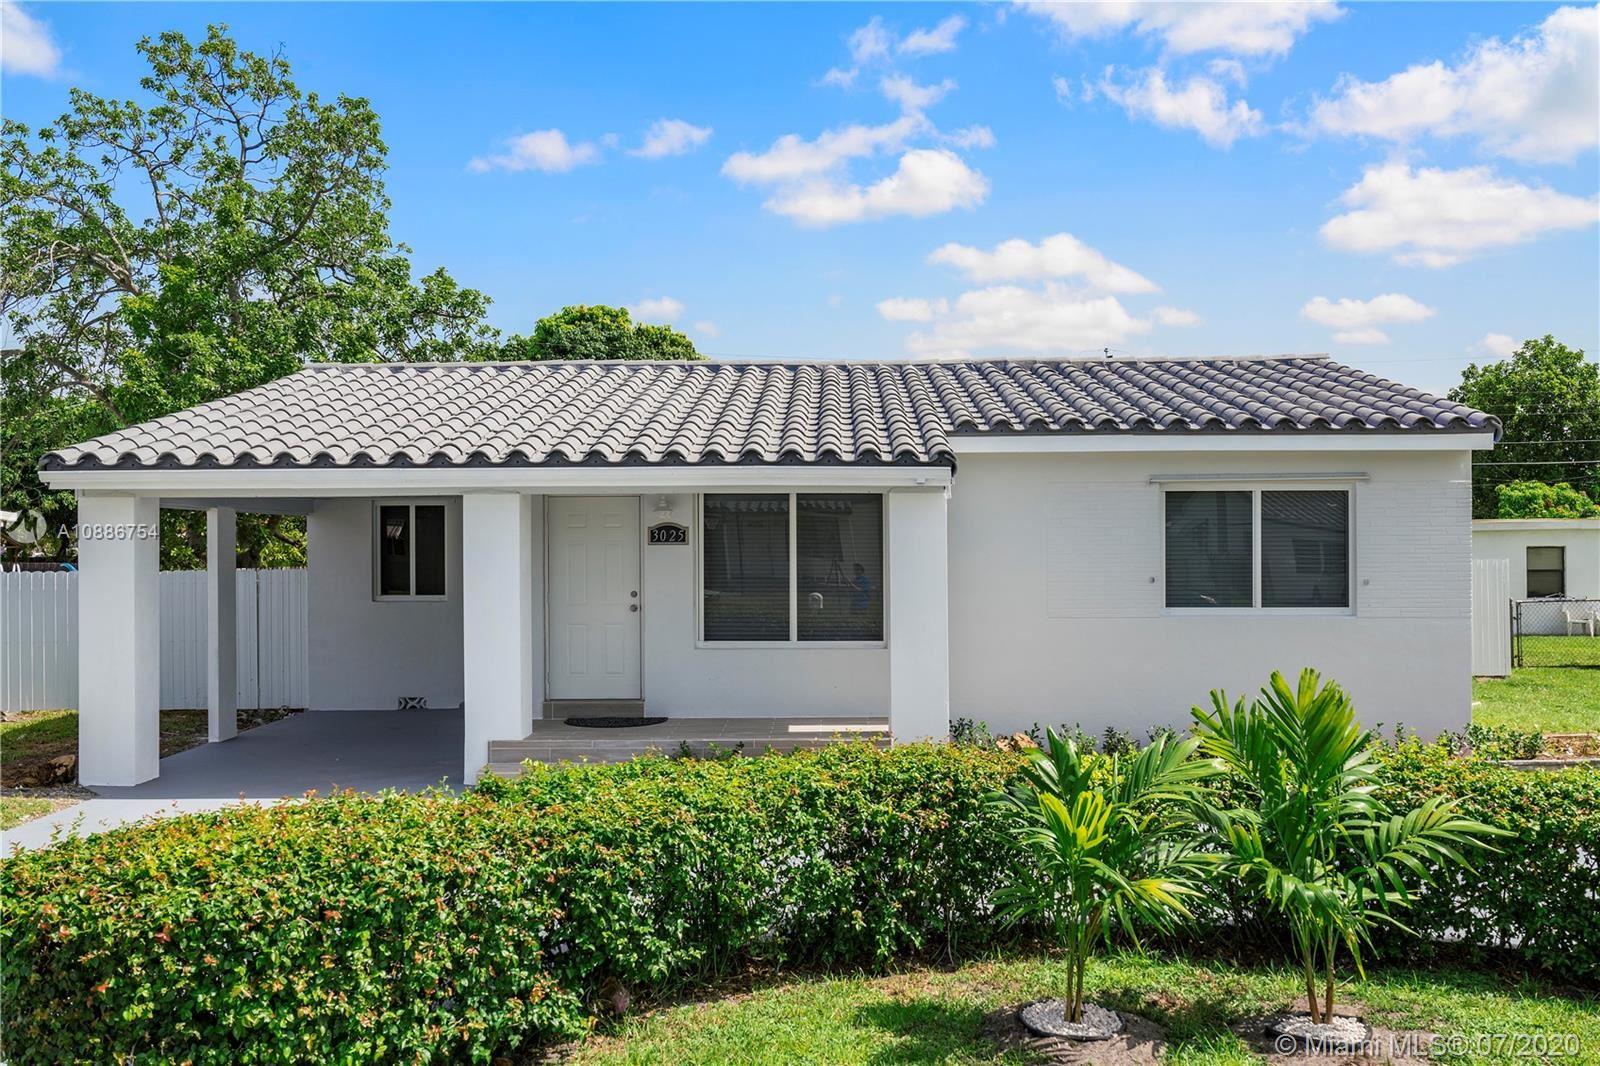 3025 NW 99th St, Miami, FL 33147 - #: A10886754